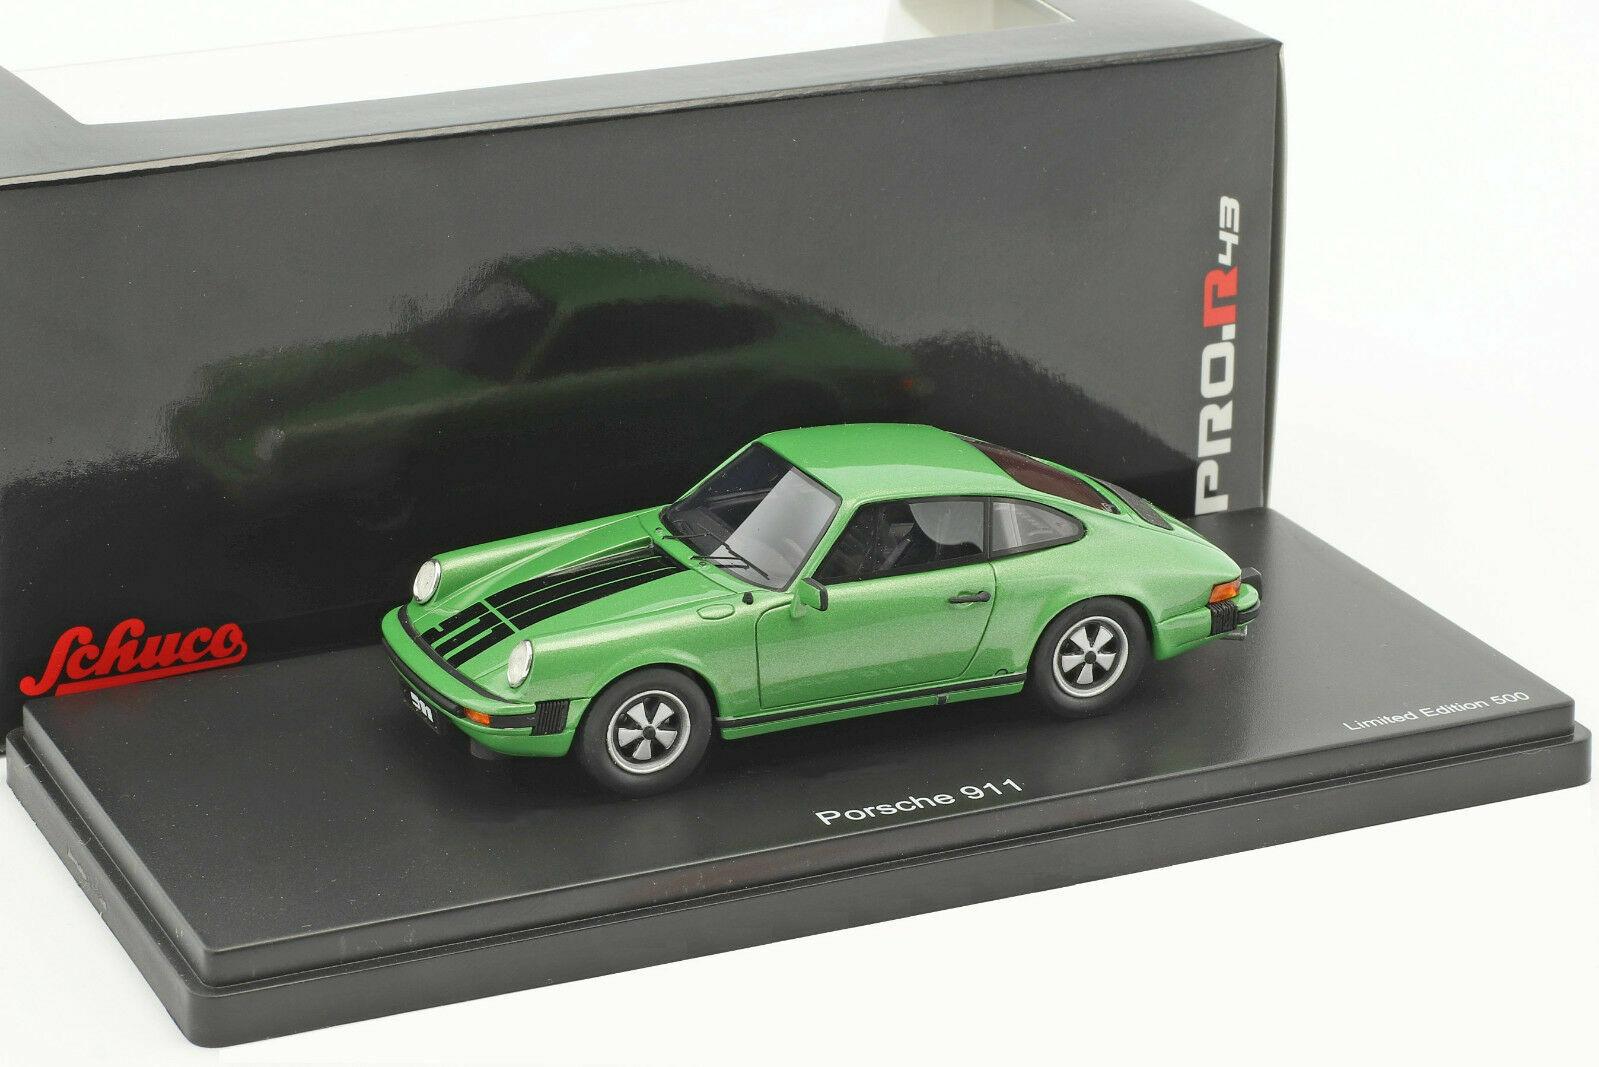 Porsche 1   43, 911, coope verde 450, 891, 1900.